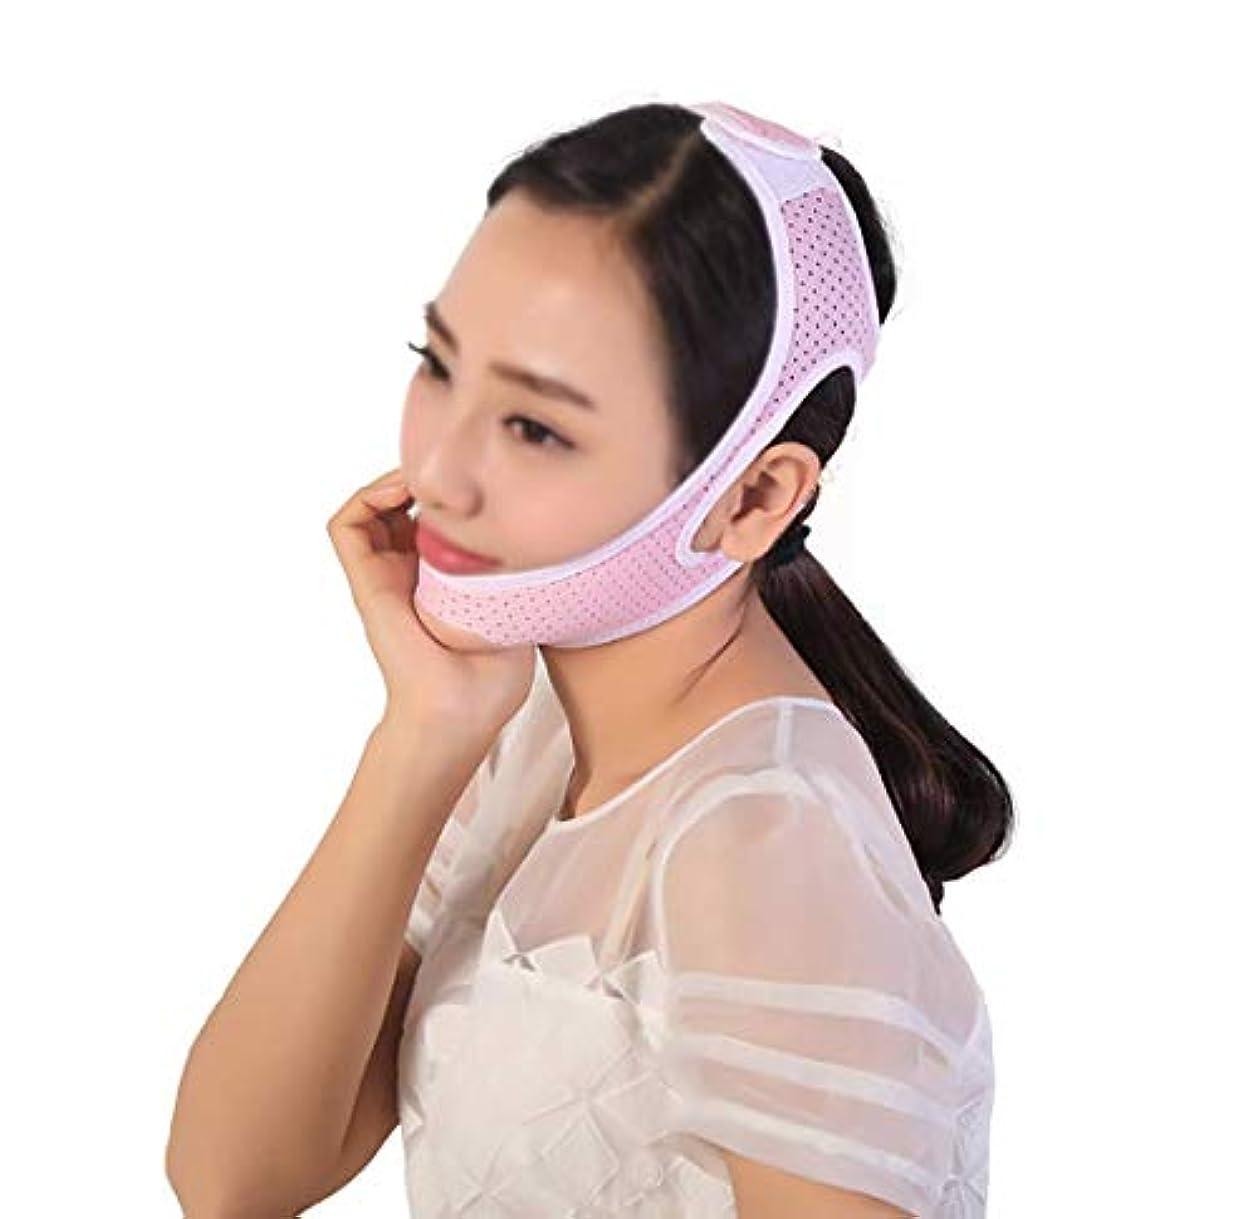 ビデオラップトップ移動顔用痩身マスク痩身包帯通気性フェイシャルダブルチンケア減量フェイスベルト(サイズ:M)